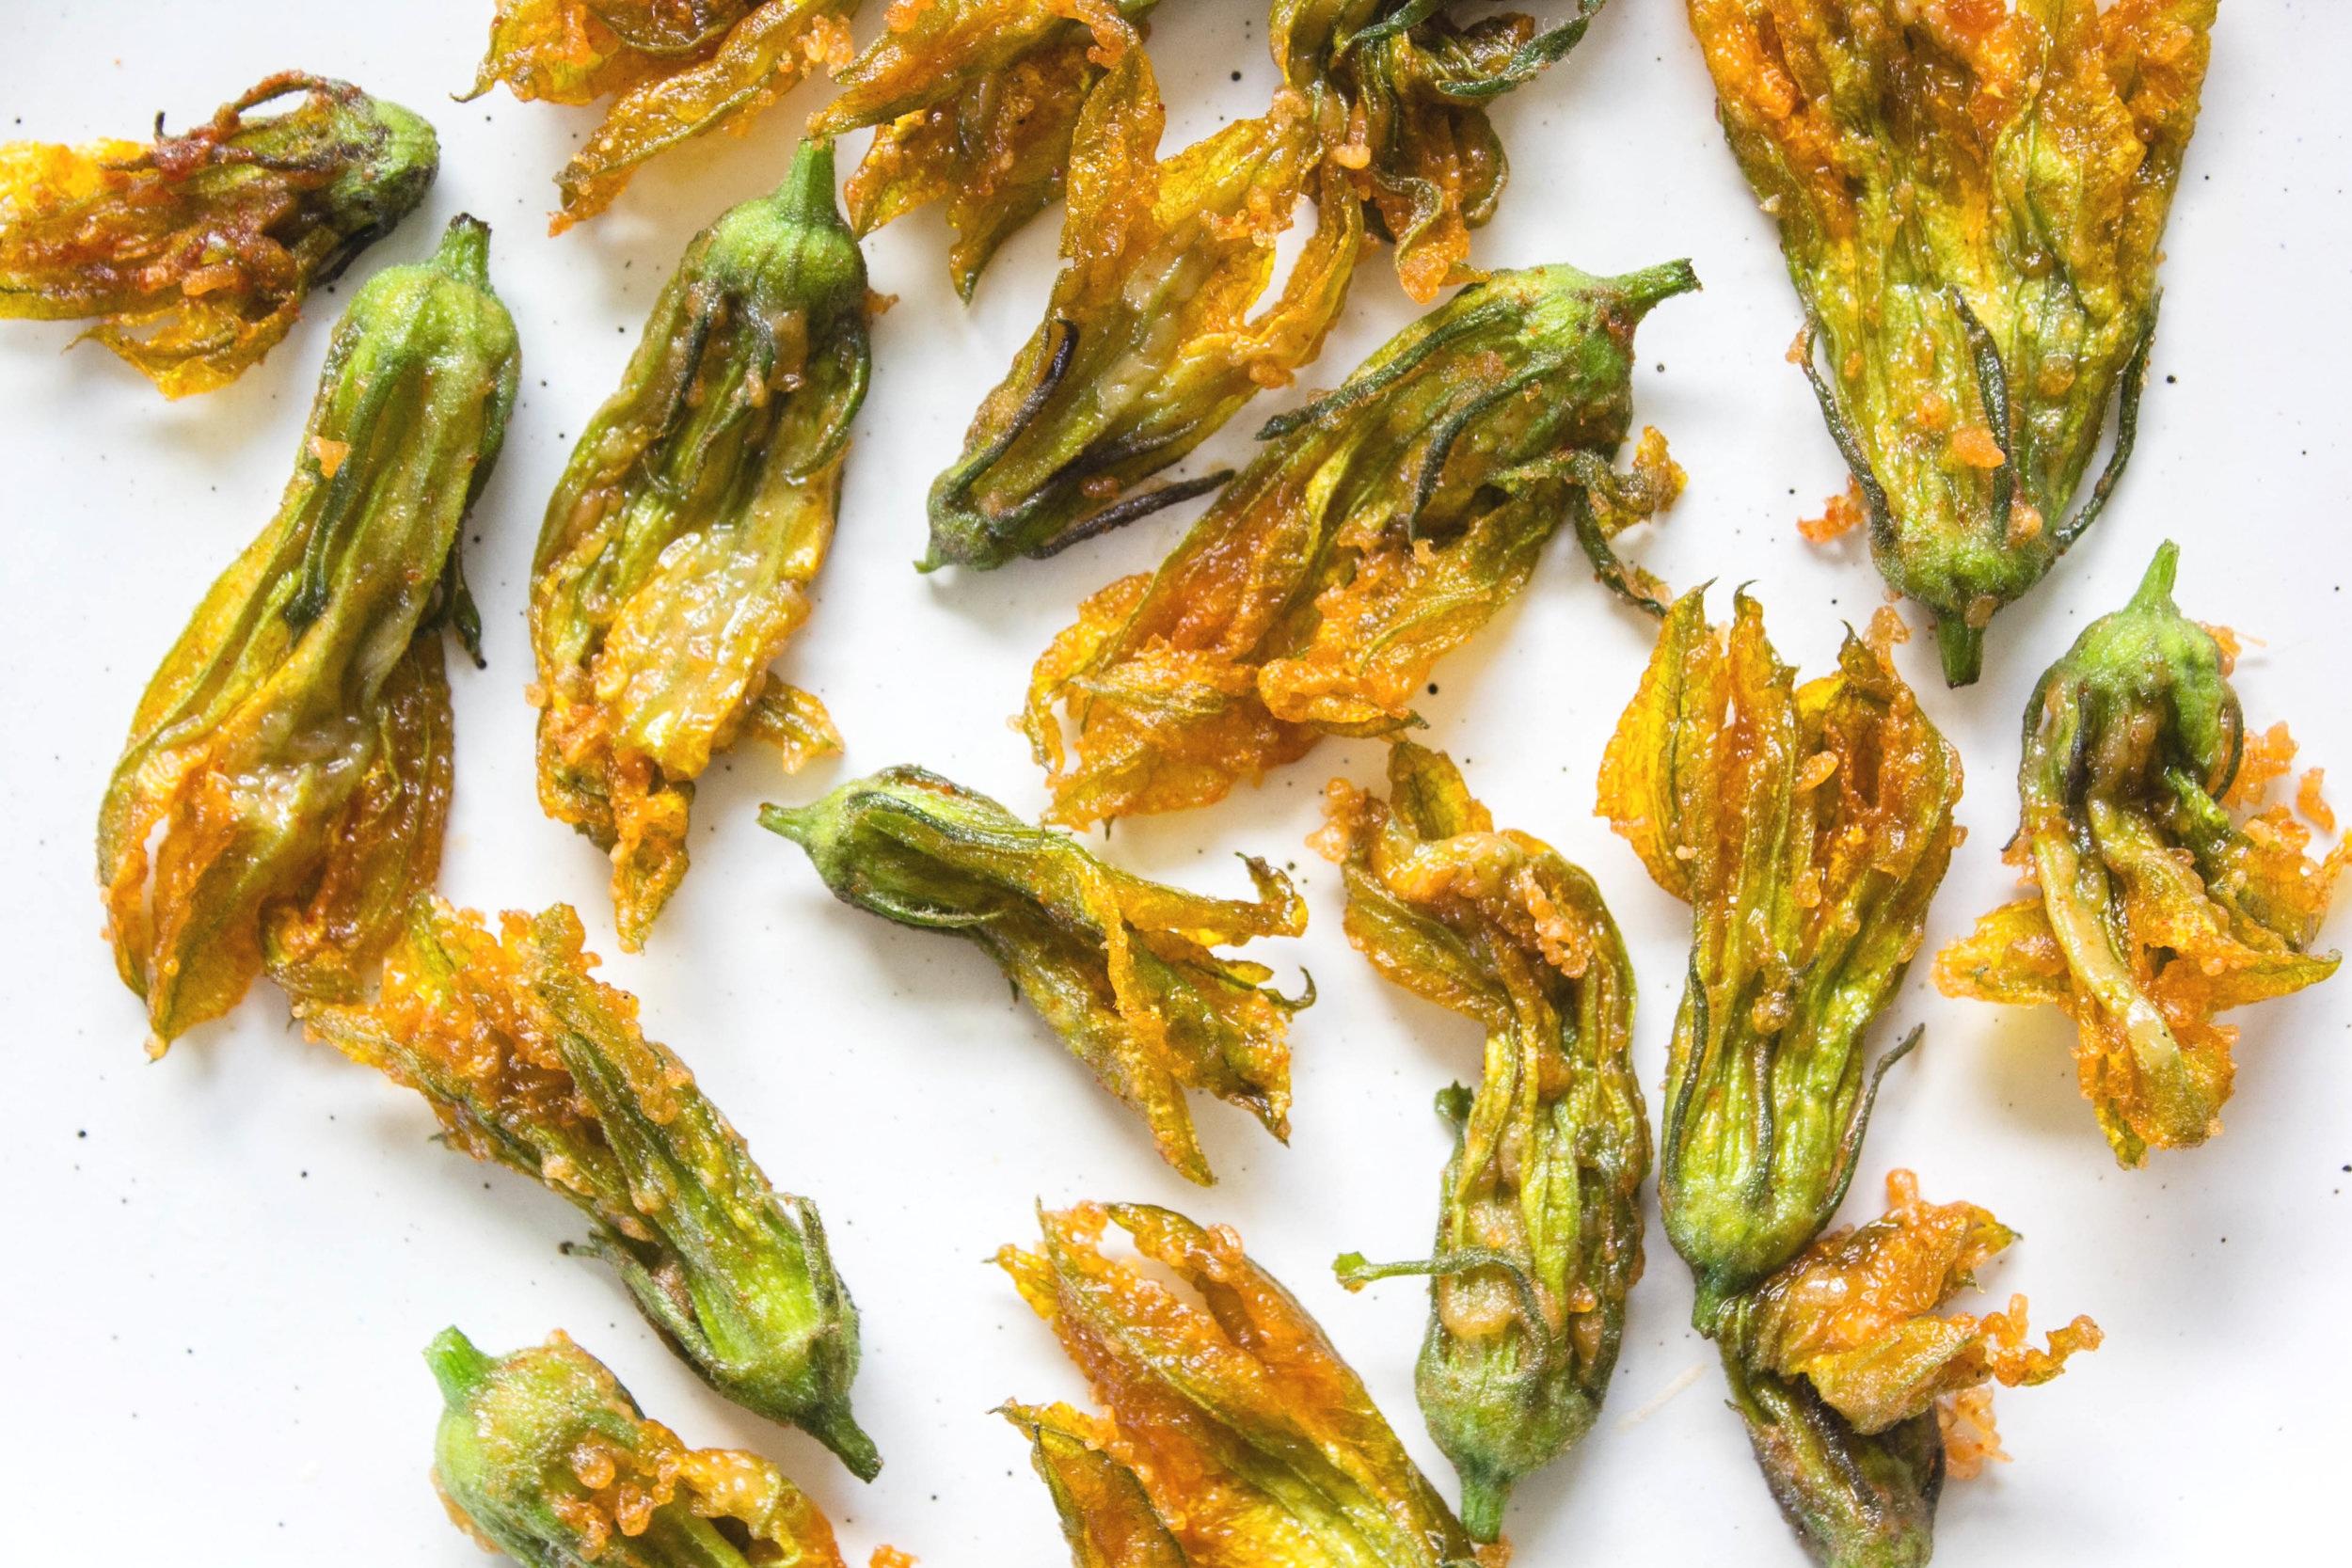 kashmiri-fried-squash-blossoms